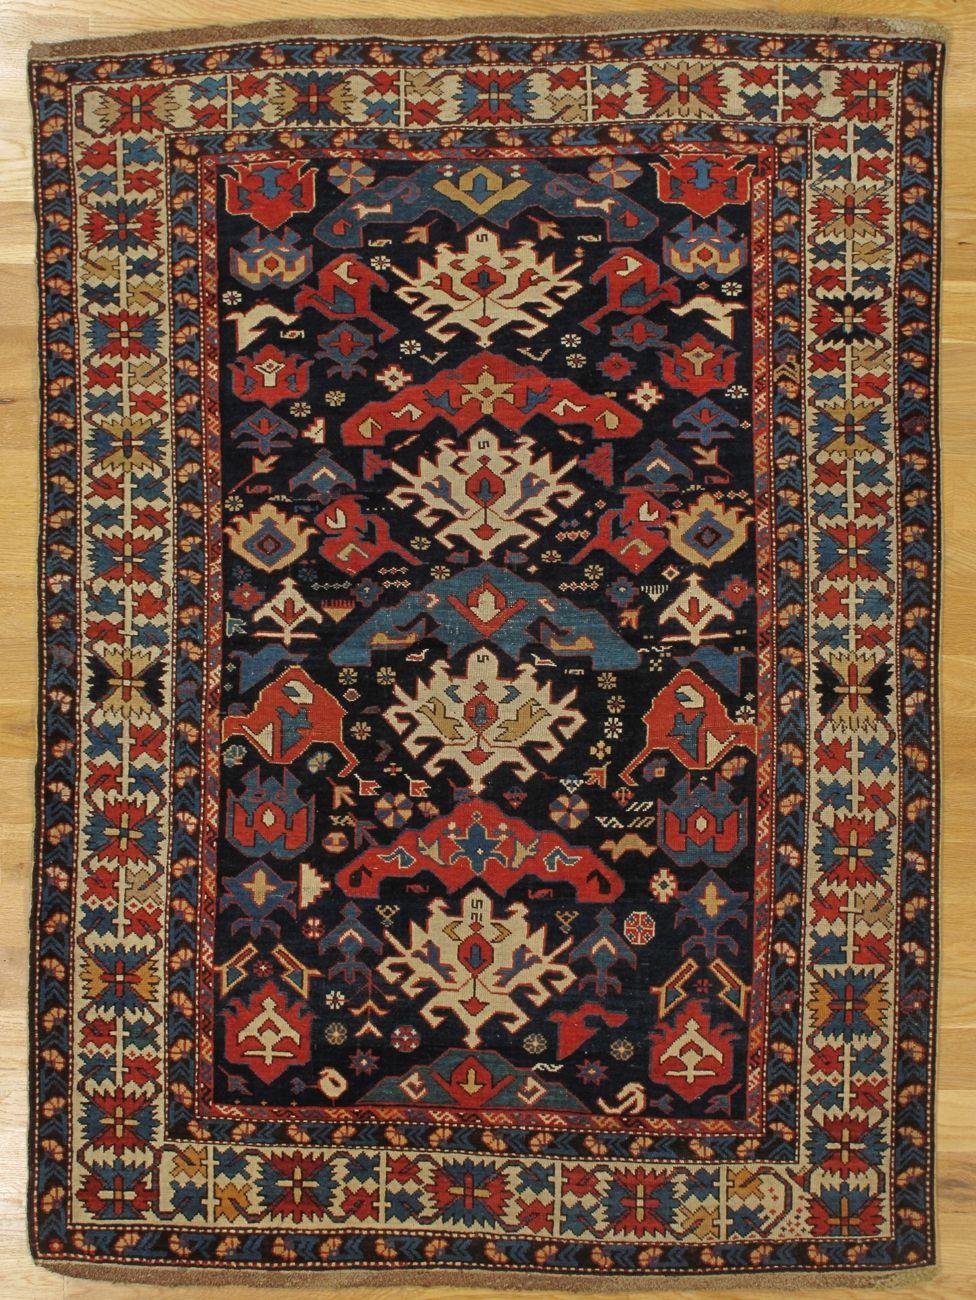 Bidjow Rug From Eastern Caucasus Age Circa 1875 Size 5 6